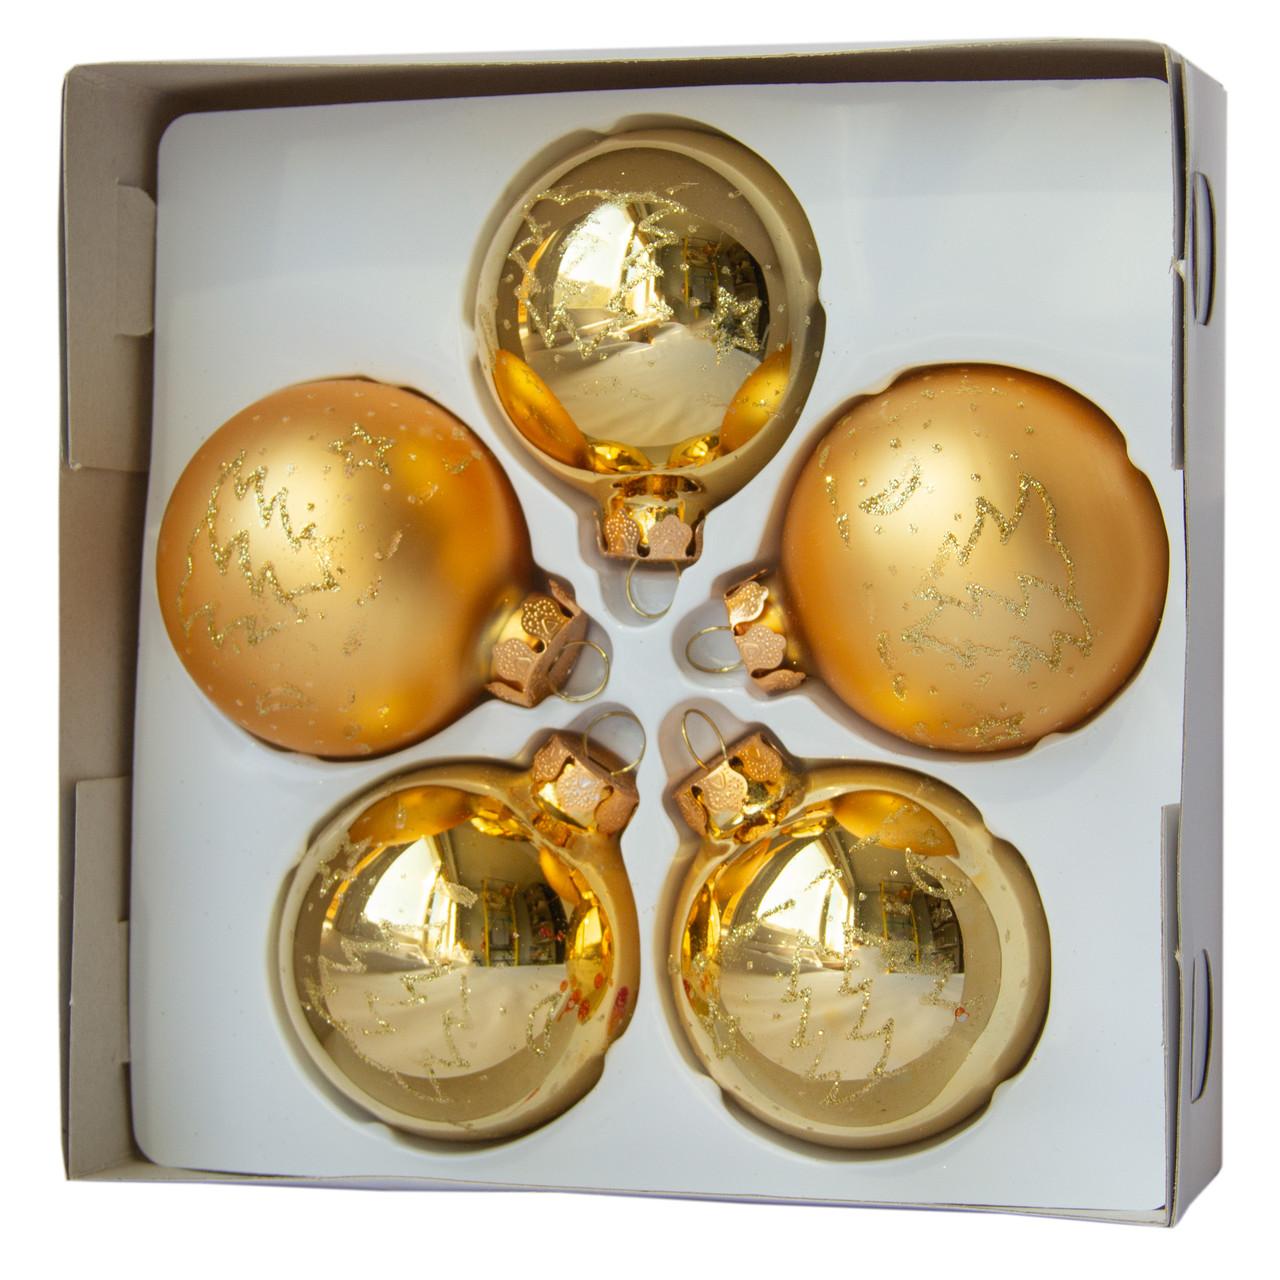 Набор елочных шаров с декором 6*5шт (3 гл., 2 мат.), стекло, золото елка (390304-6)